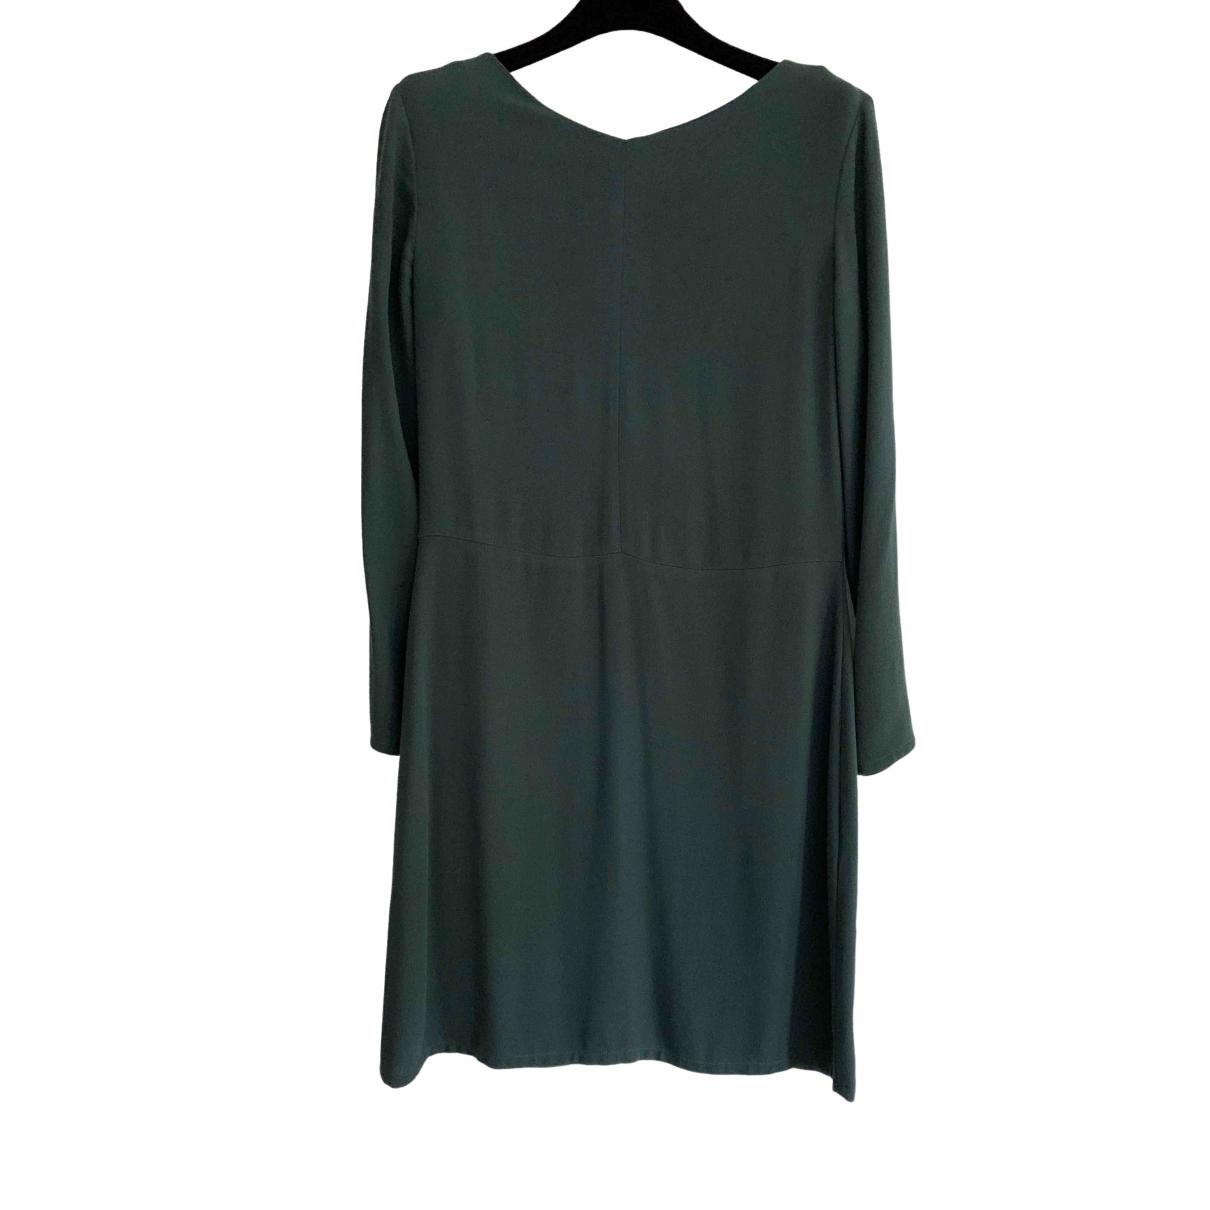 American Vintage \N Kleid in  Gruen Viskose